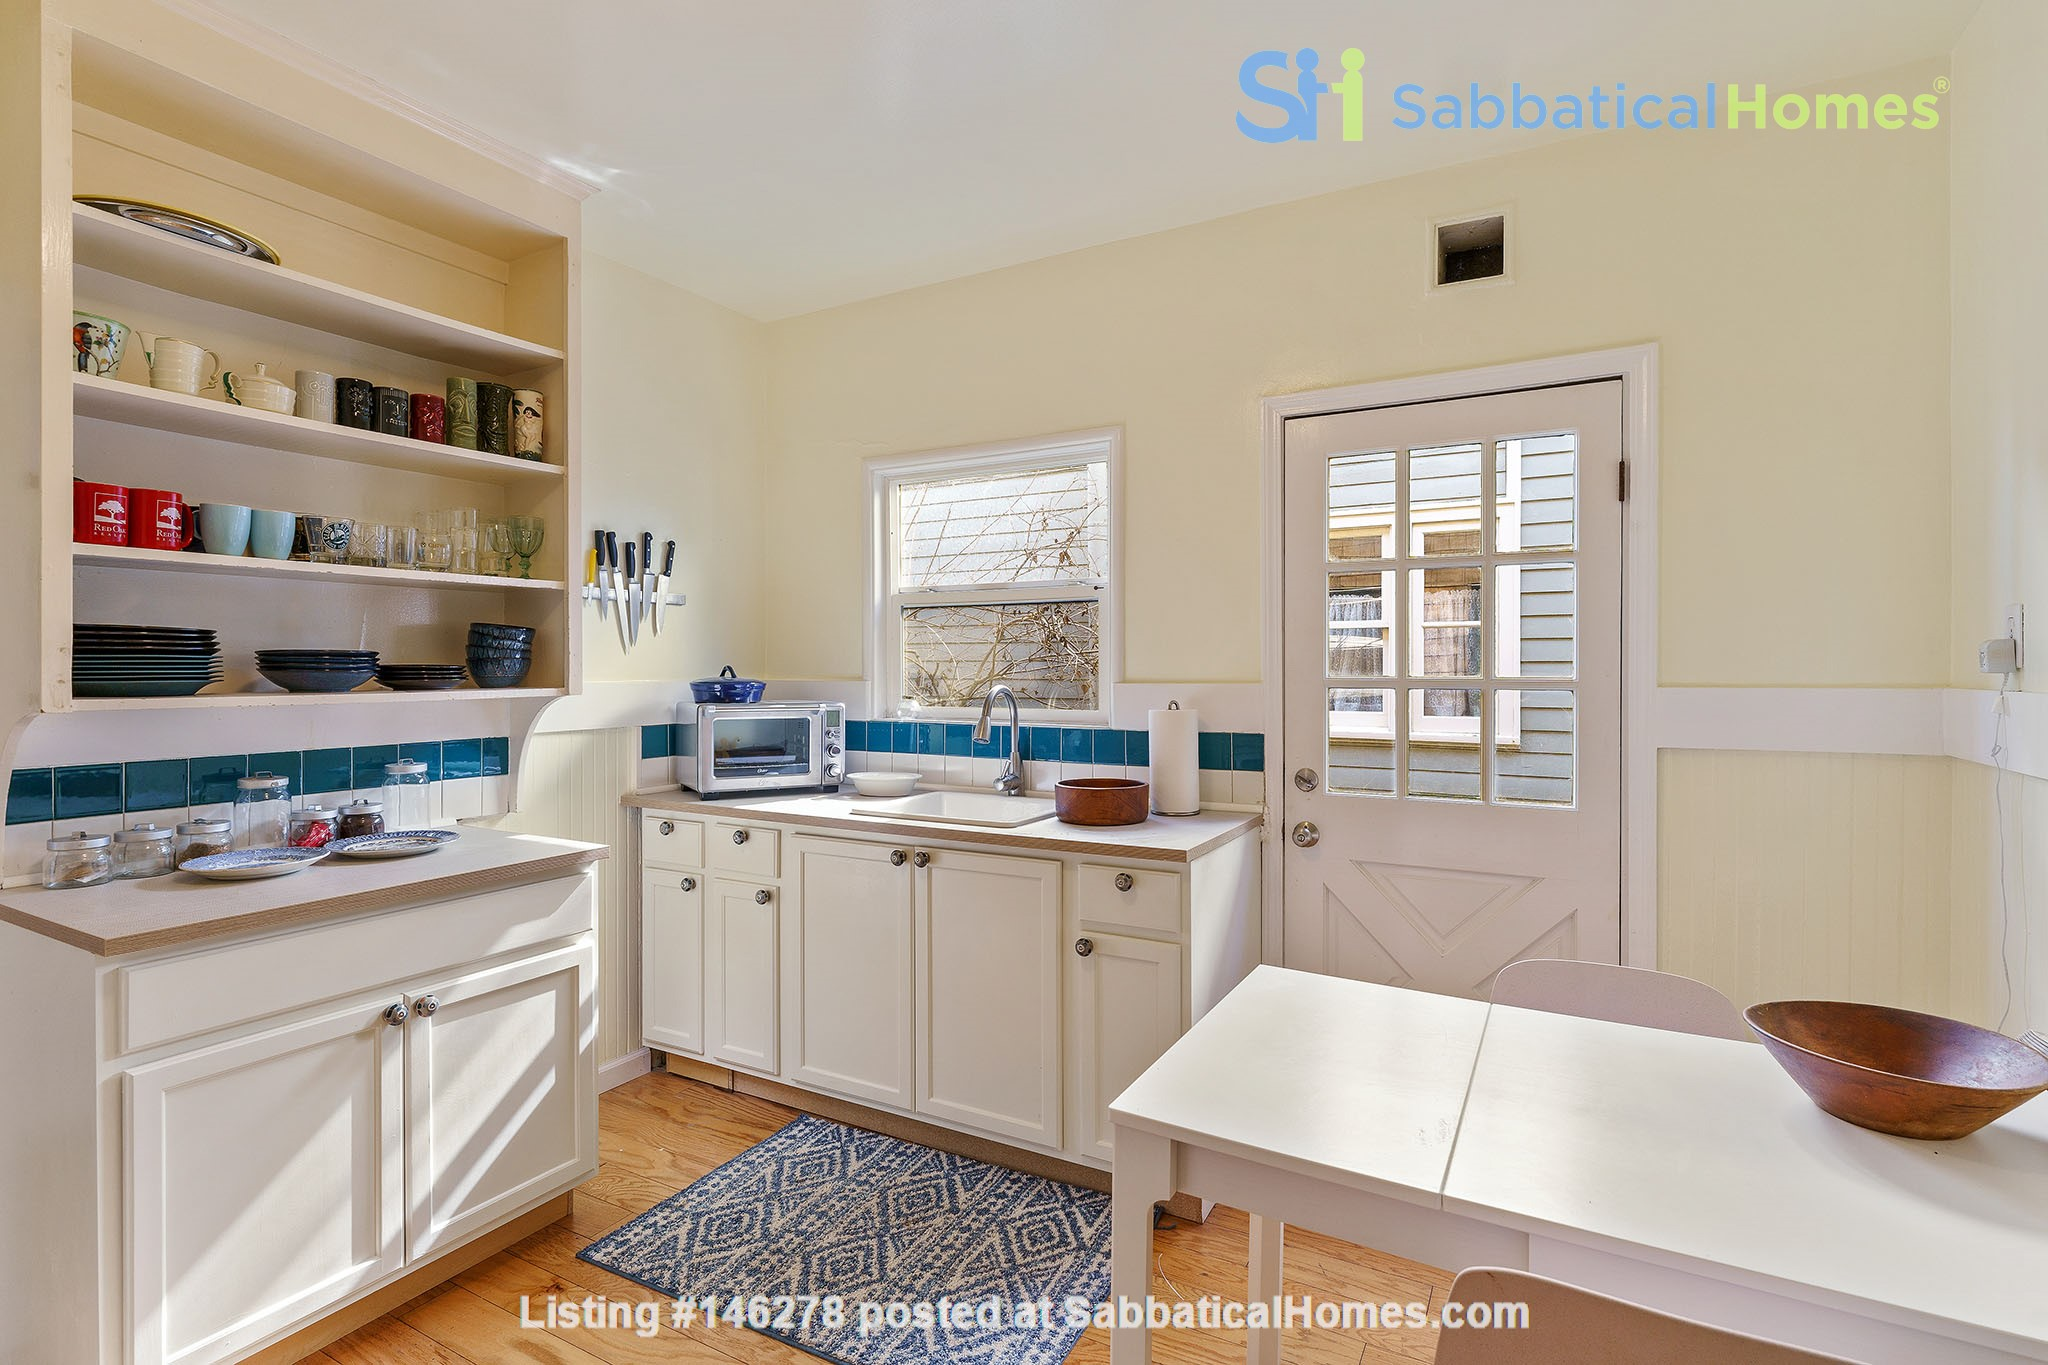 No kidding, the best location in Berkeley! Home Rental in Berkeley 7